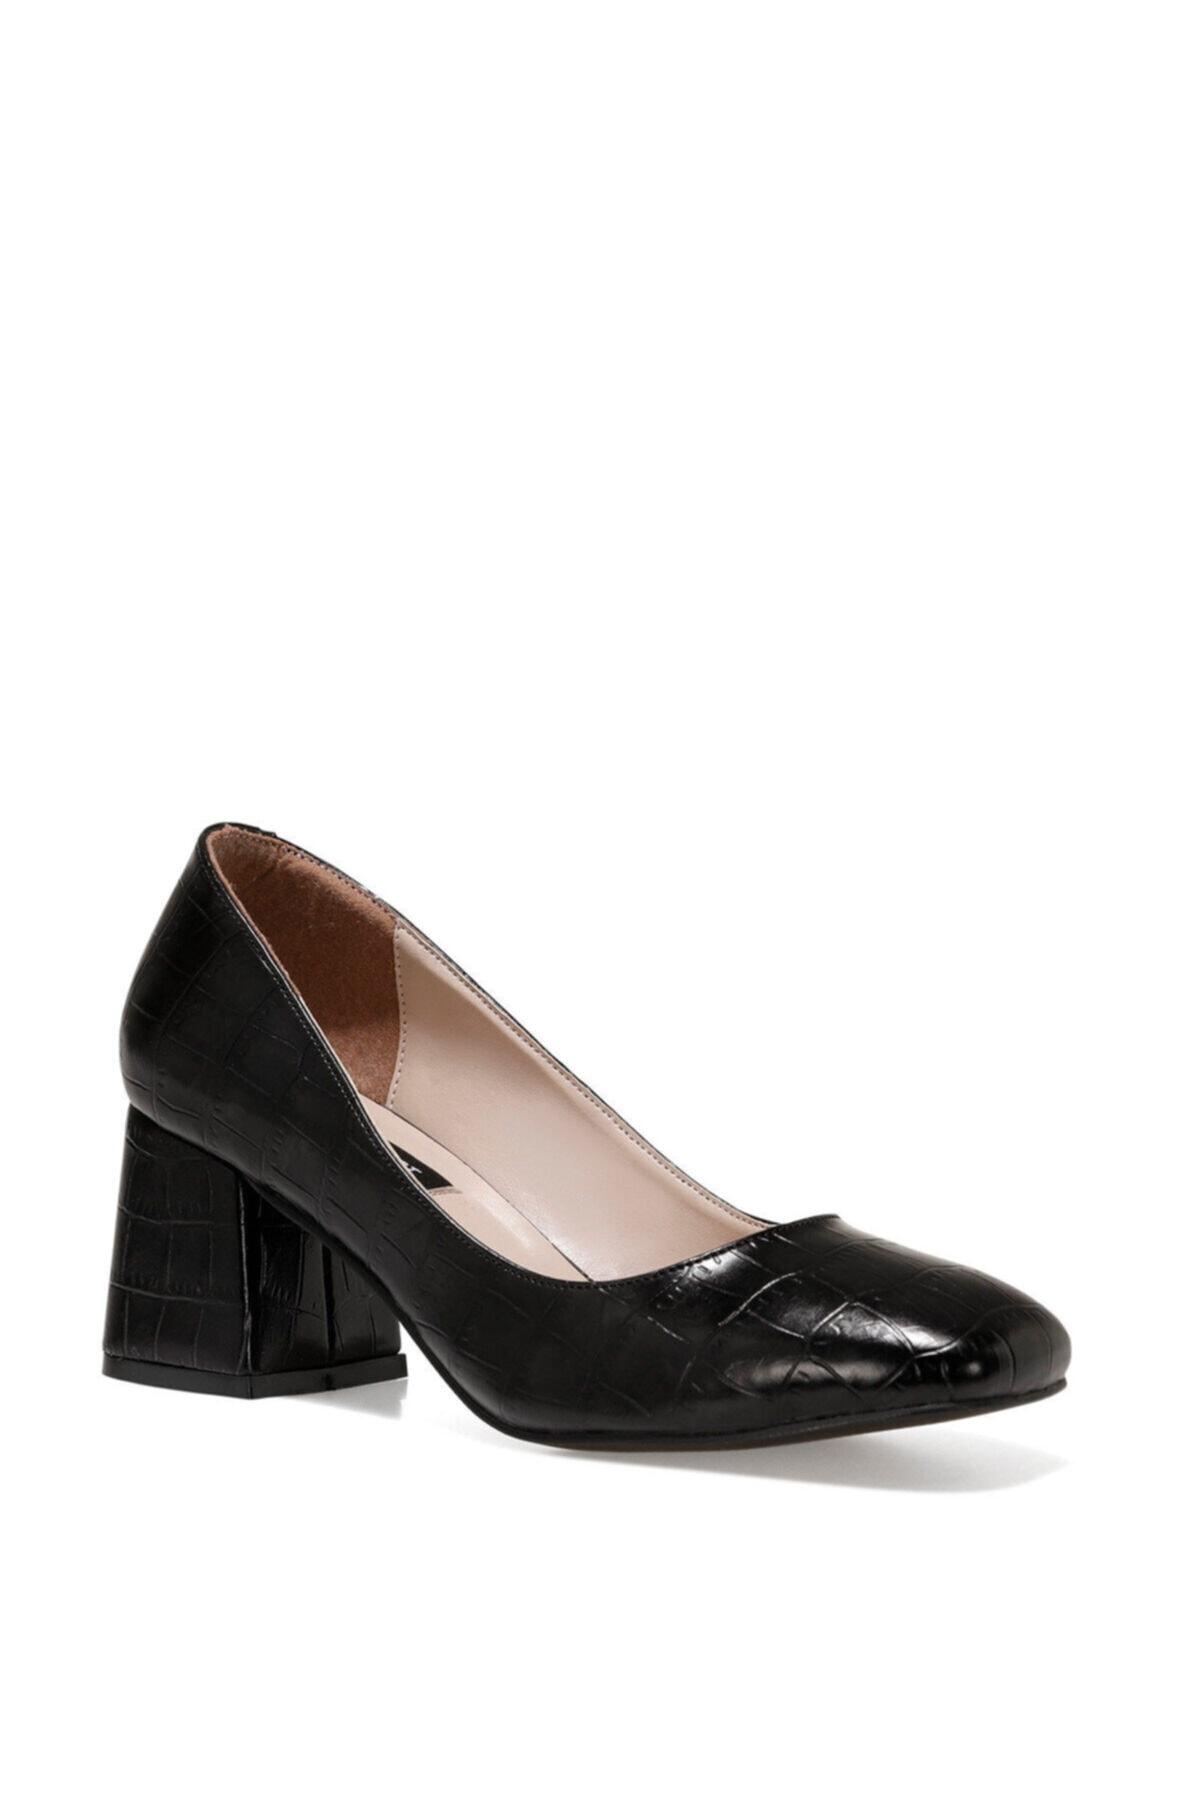 Nine West WALES Siyah Kadın Topuklu Ayakkabı 100555816 2